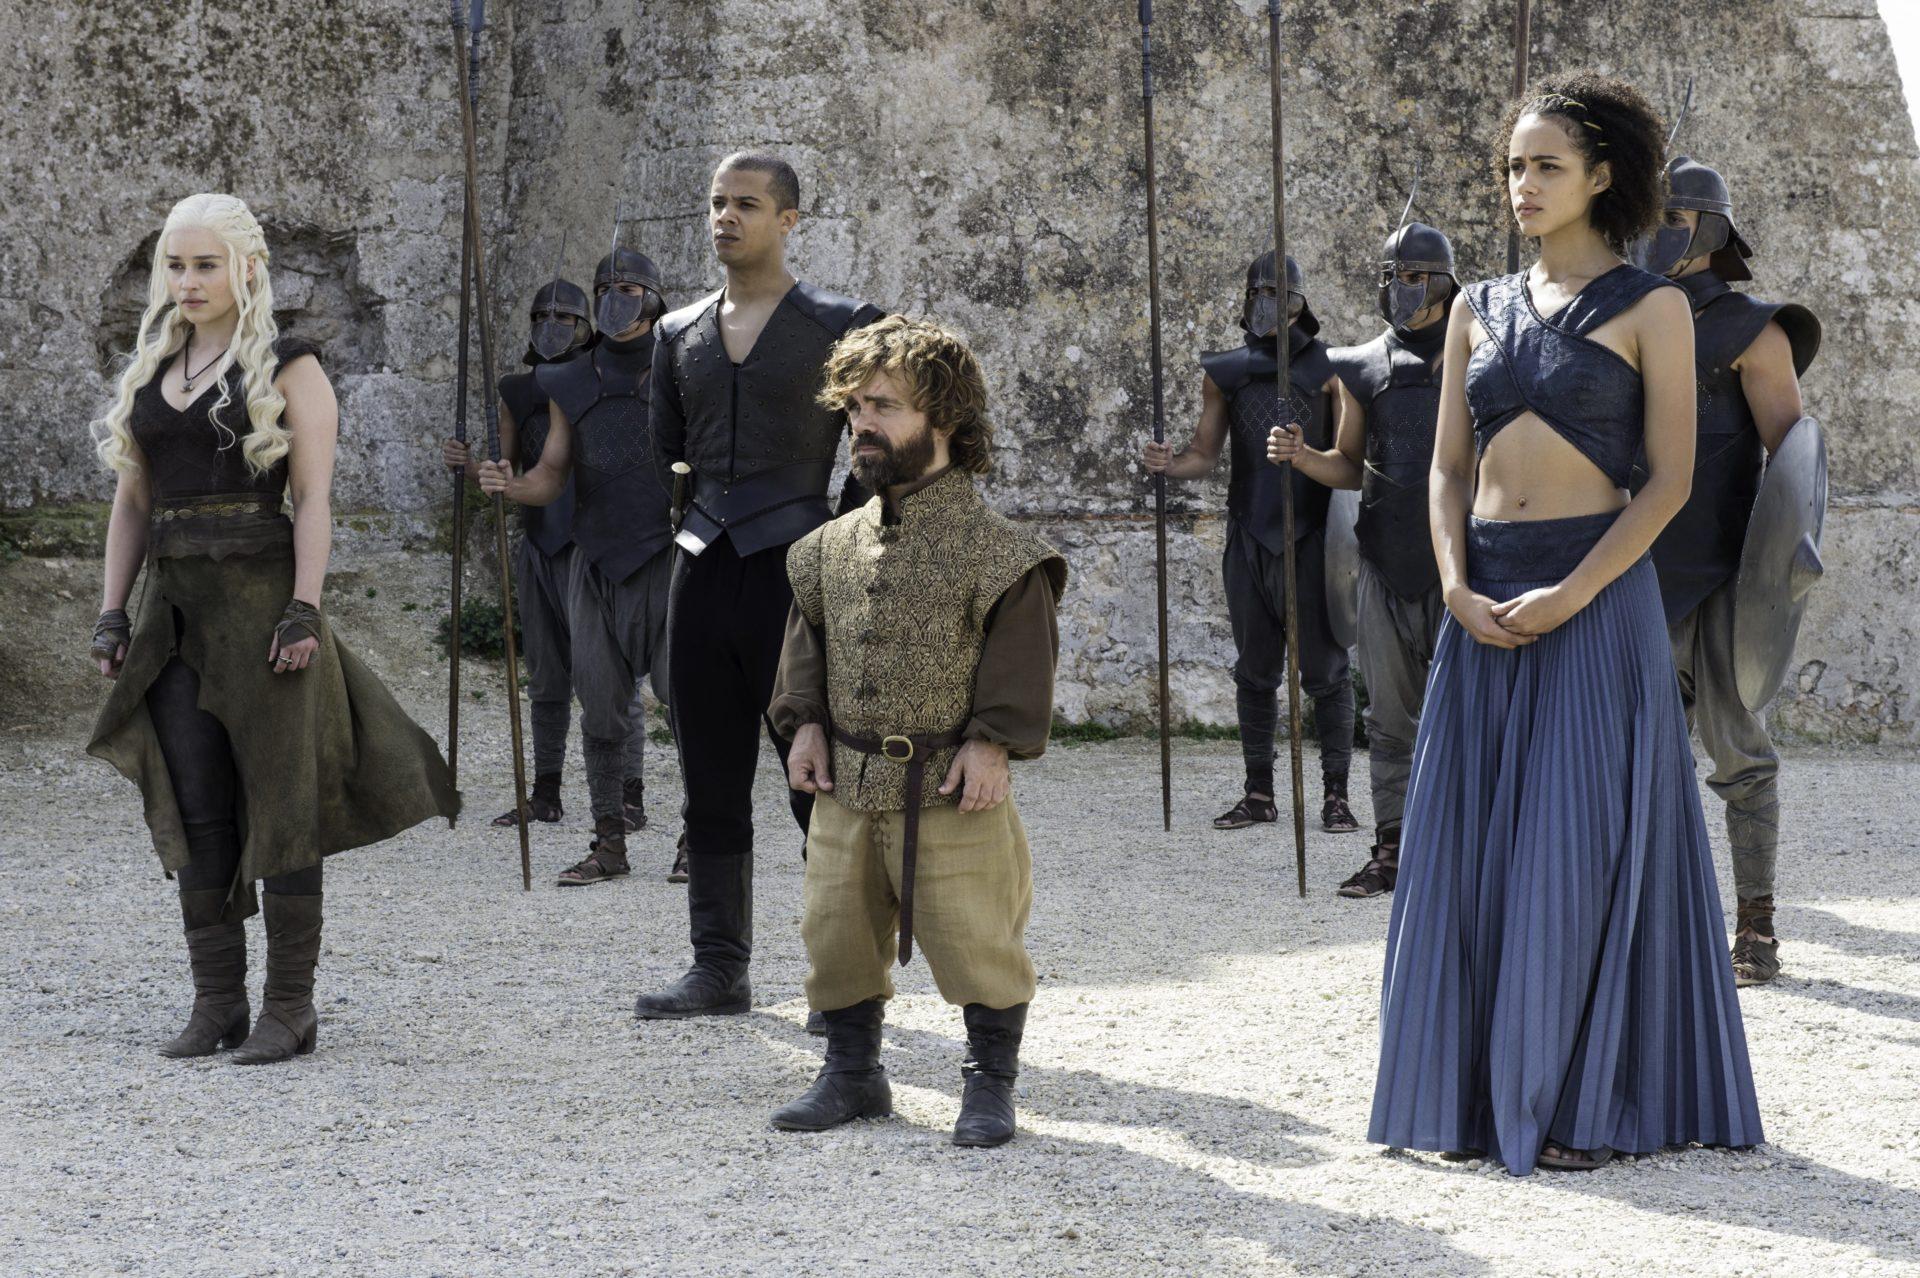 Game of Thrones: Atriz relata constrangedor incidente na série - 1